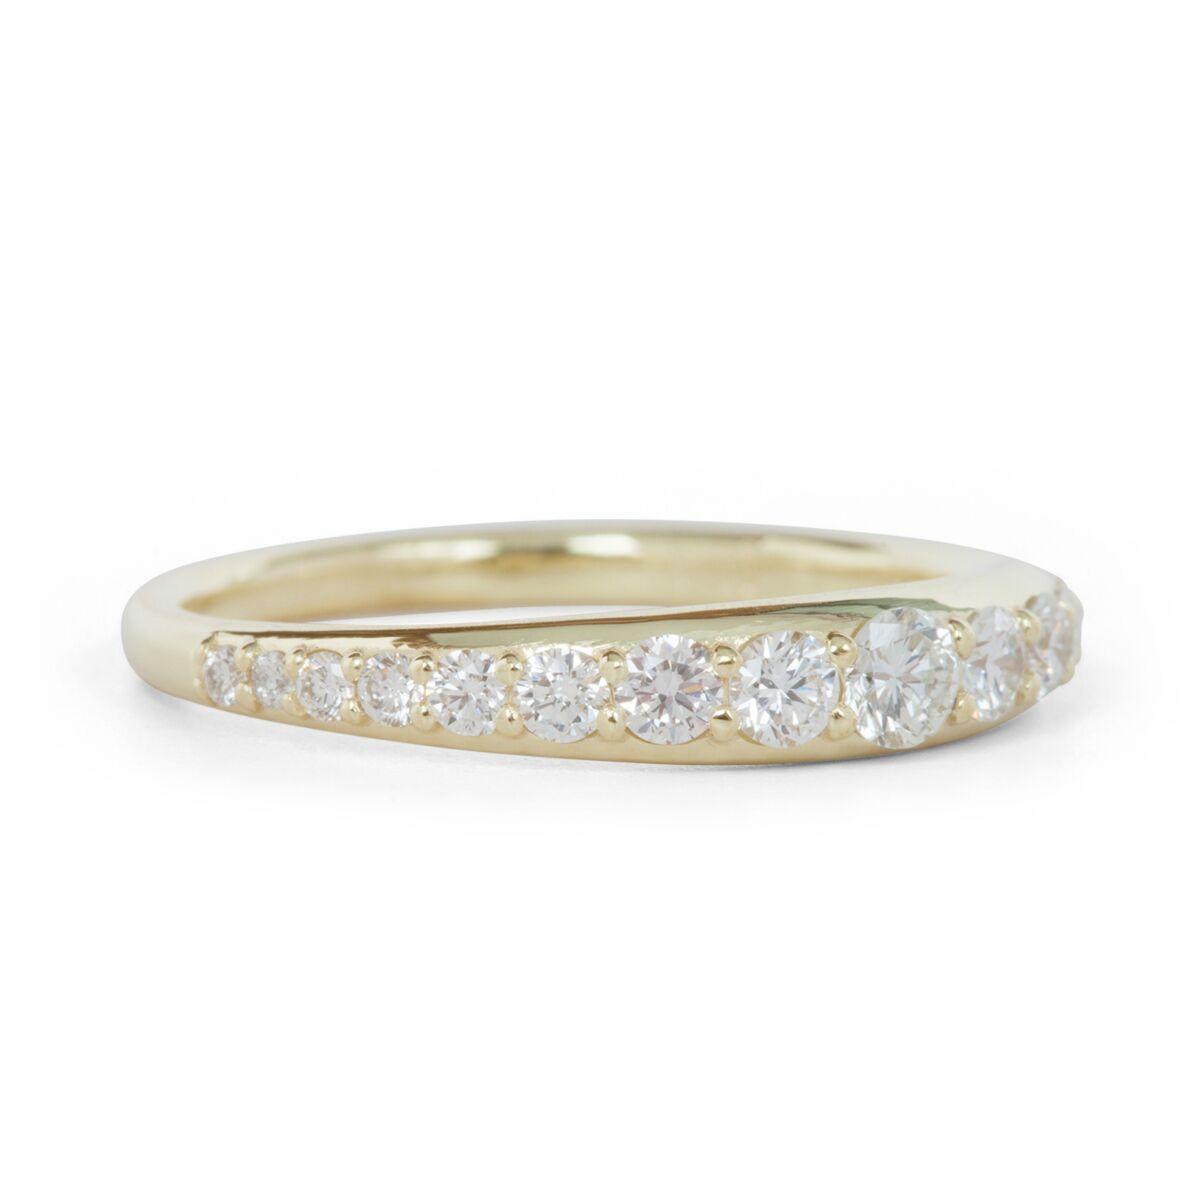 Bali Ring, Diamond image